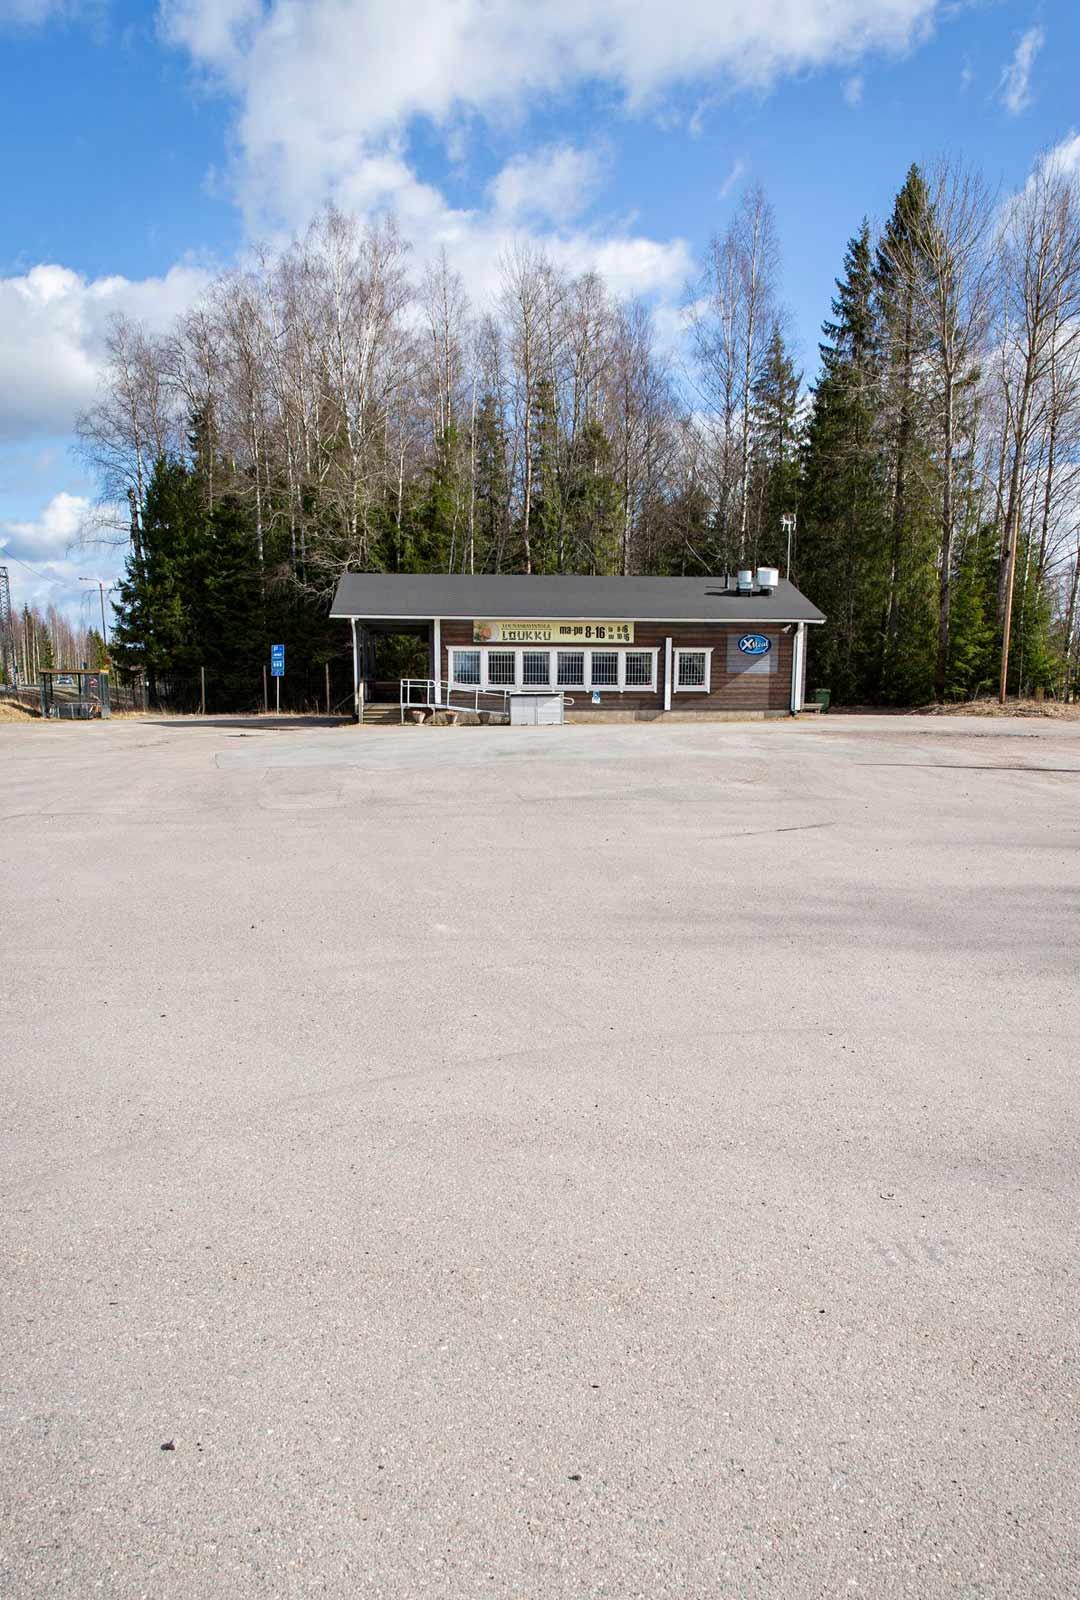 Lounasravintola Loukku laitettiin kiinni päivä sen jälkeen, kun Uusimaa oli eristetty.